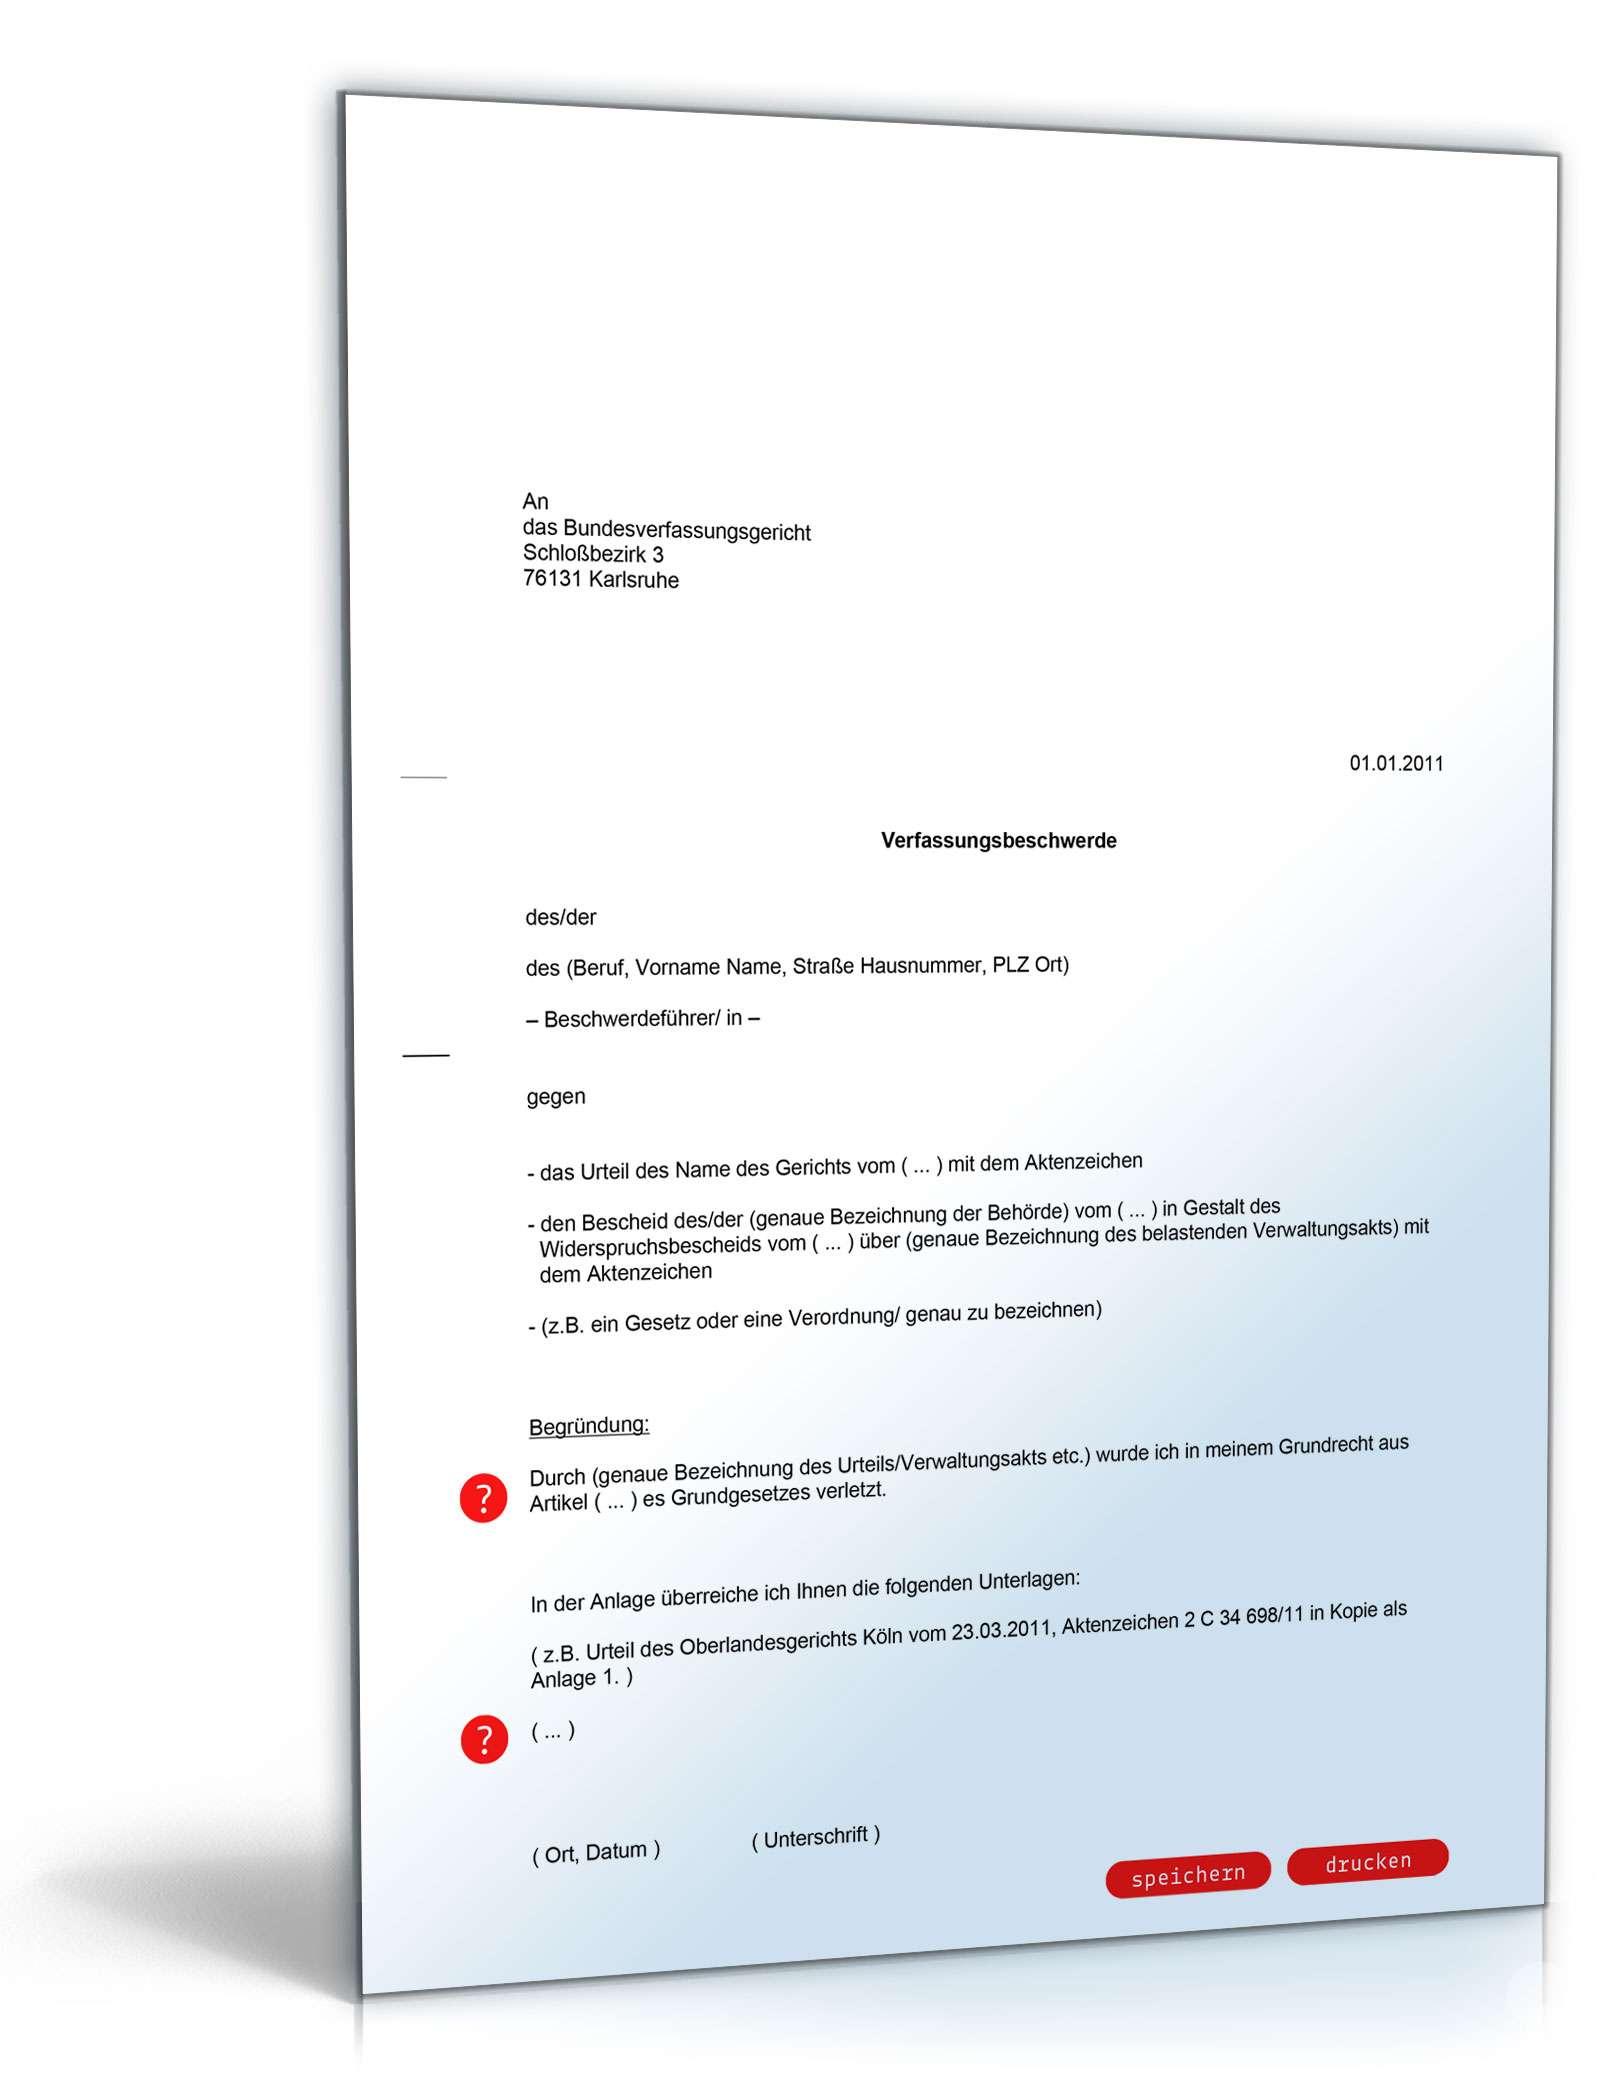 Verfassungsbeschwerde Rechtssicheres Muster Zum Download